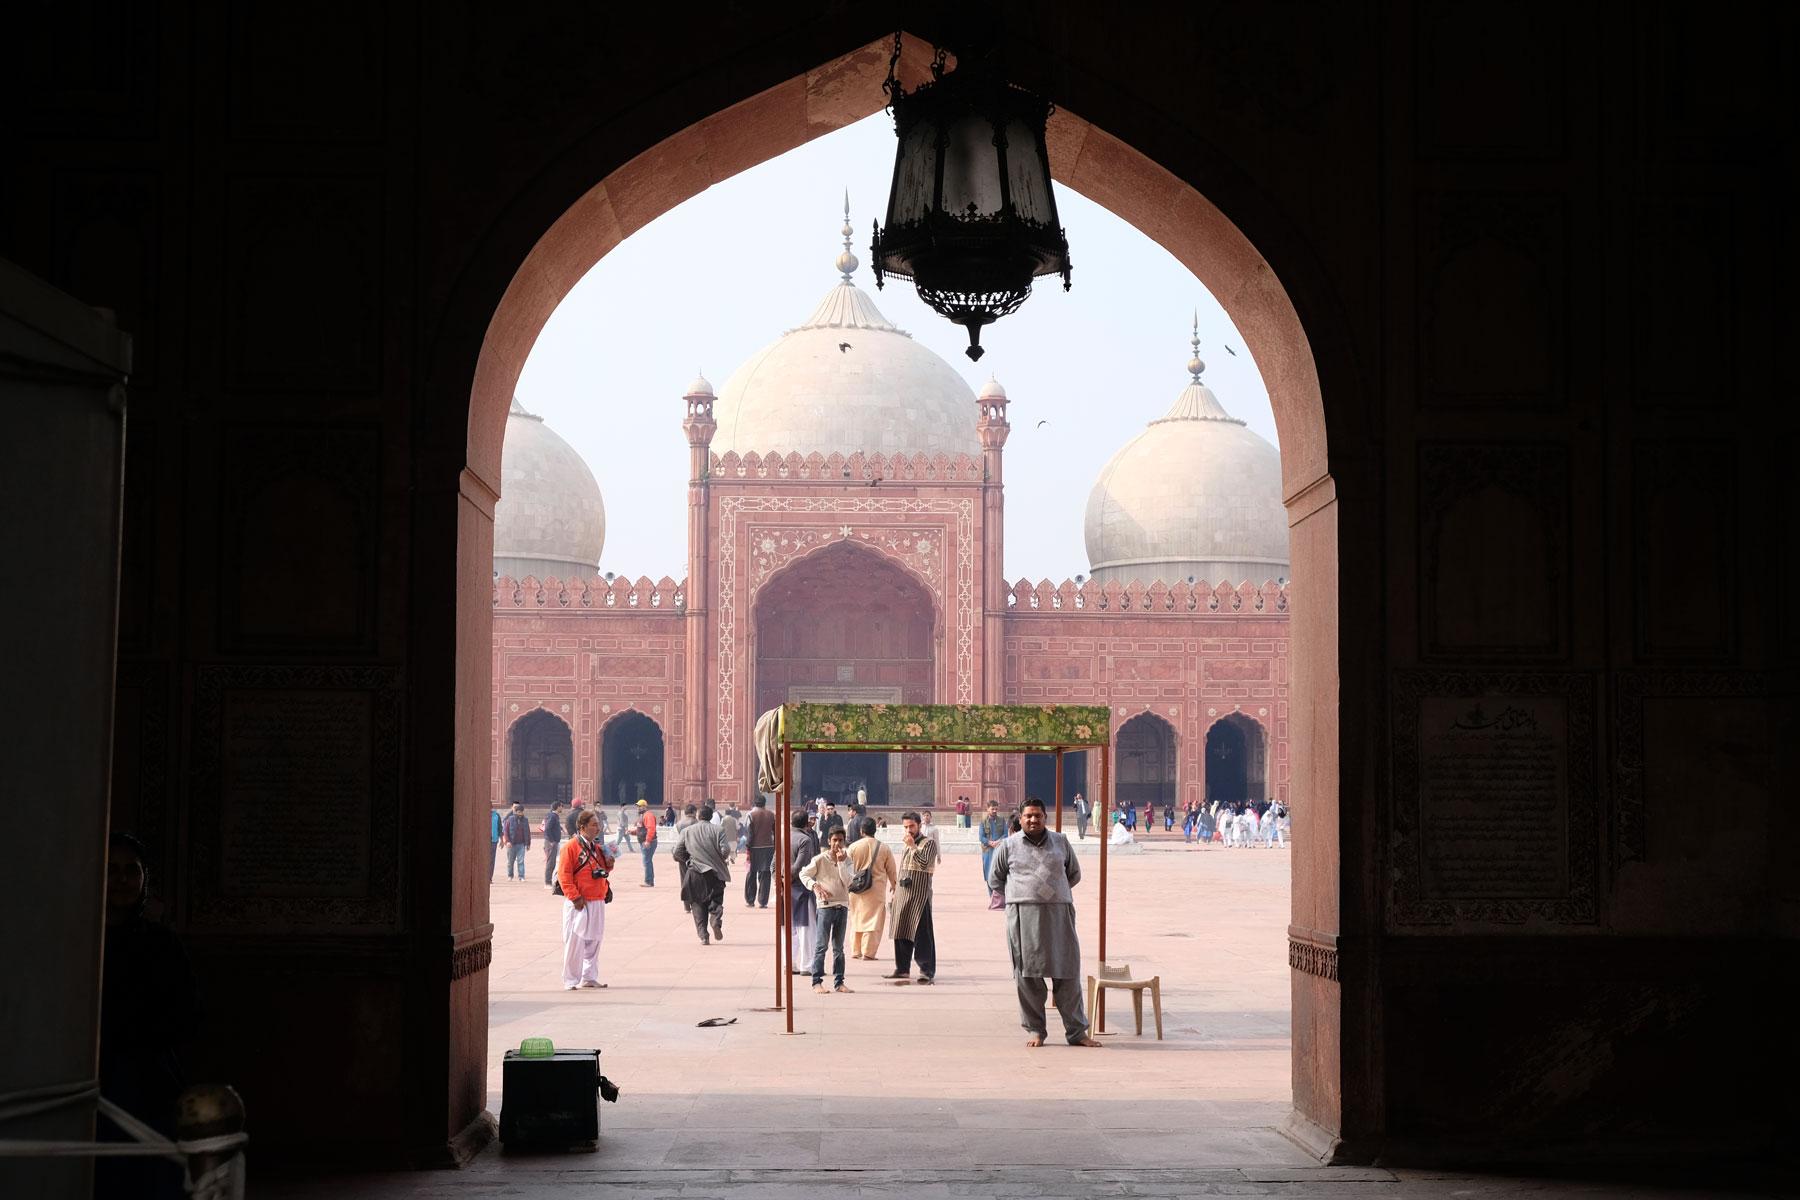 Eingangstor der Badshahi-Moschee in Lahore.